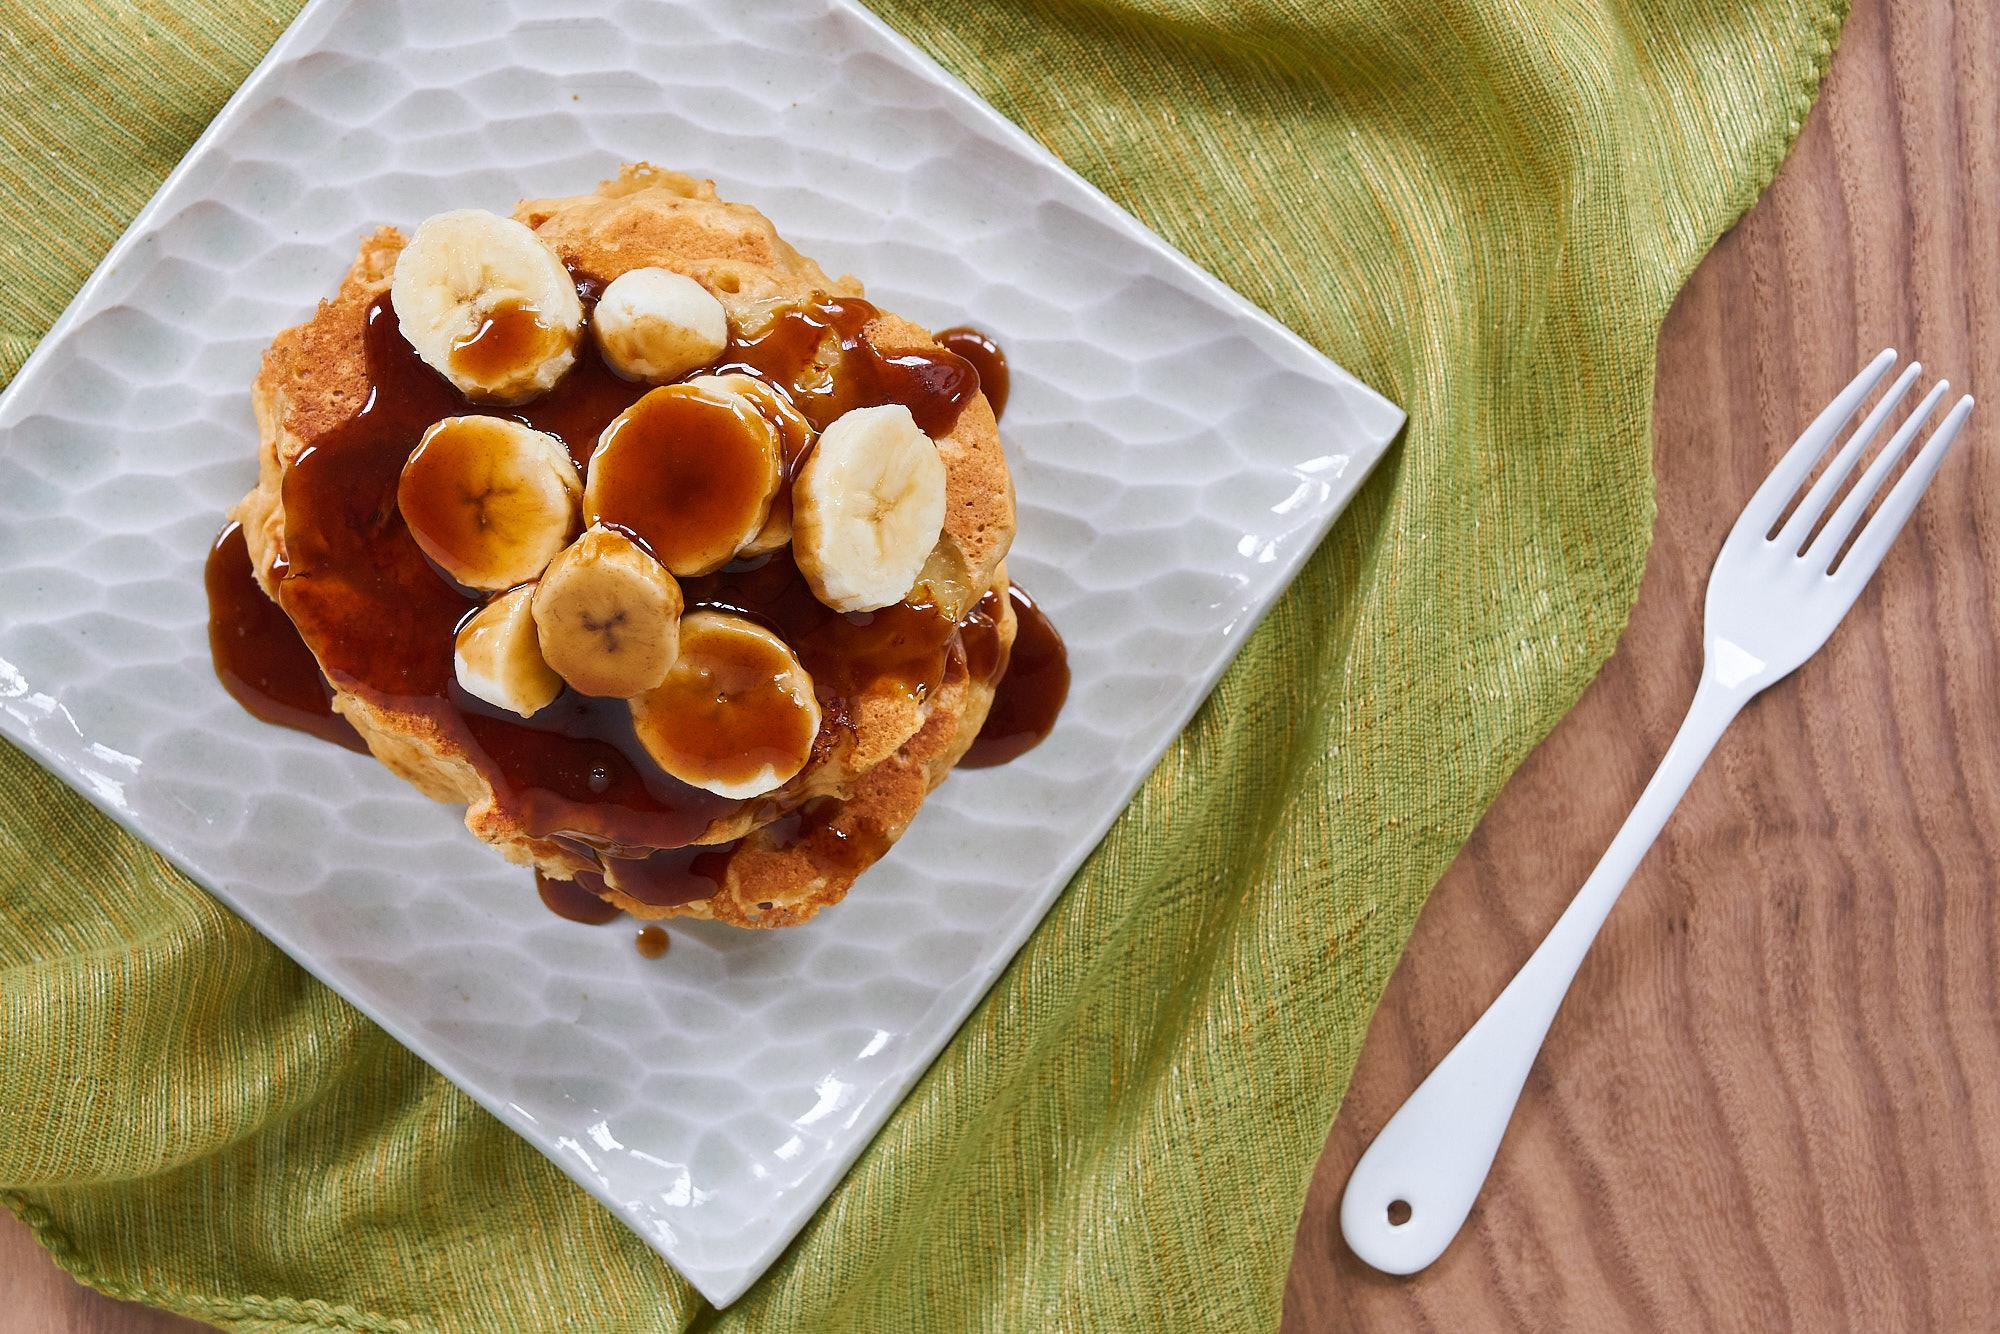 Making Bananas Foster Pancakes